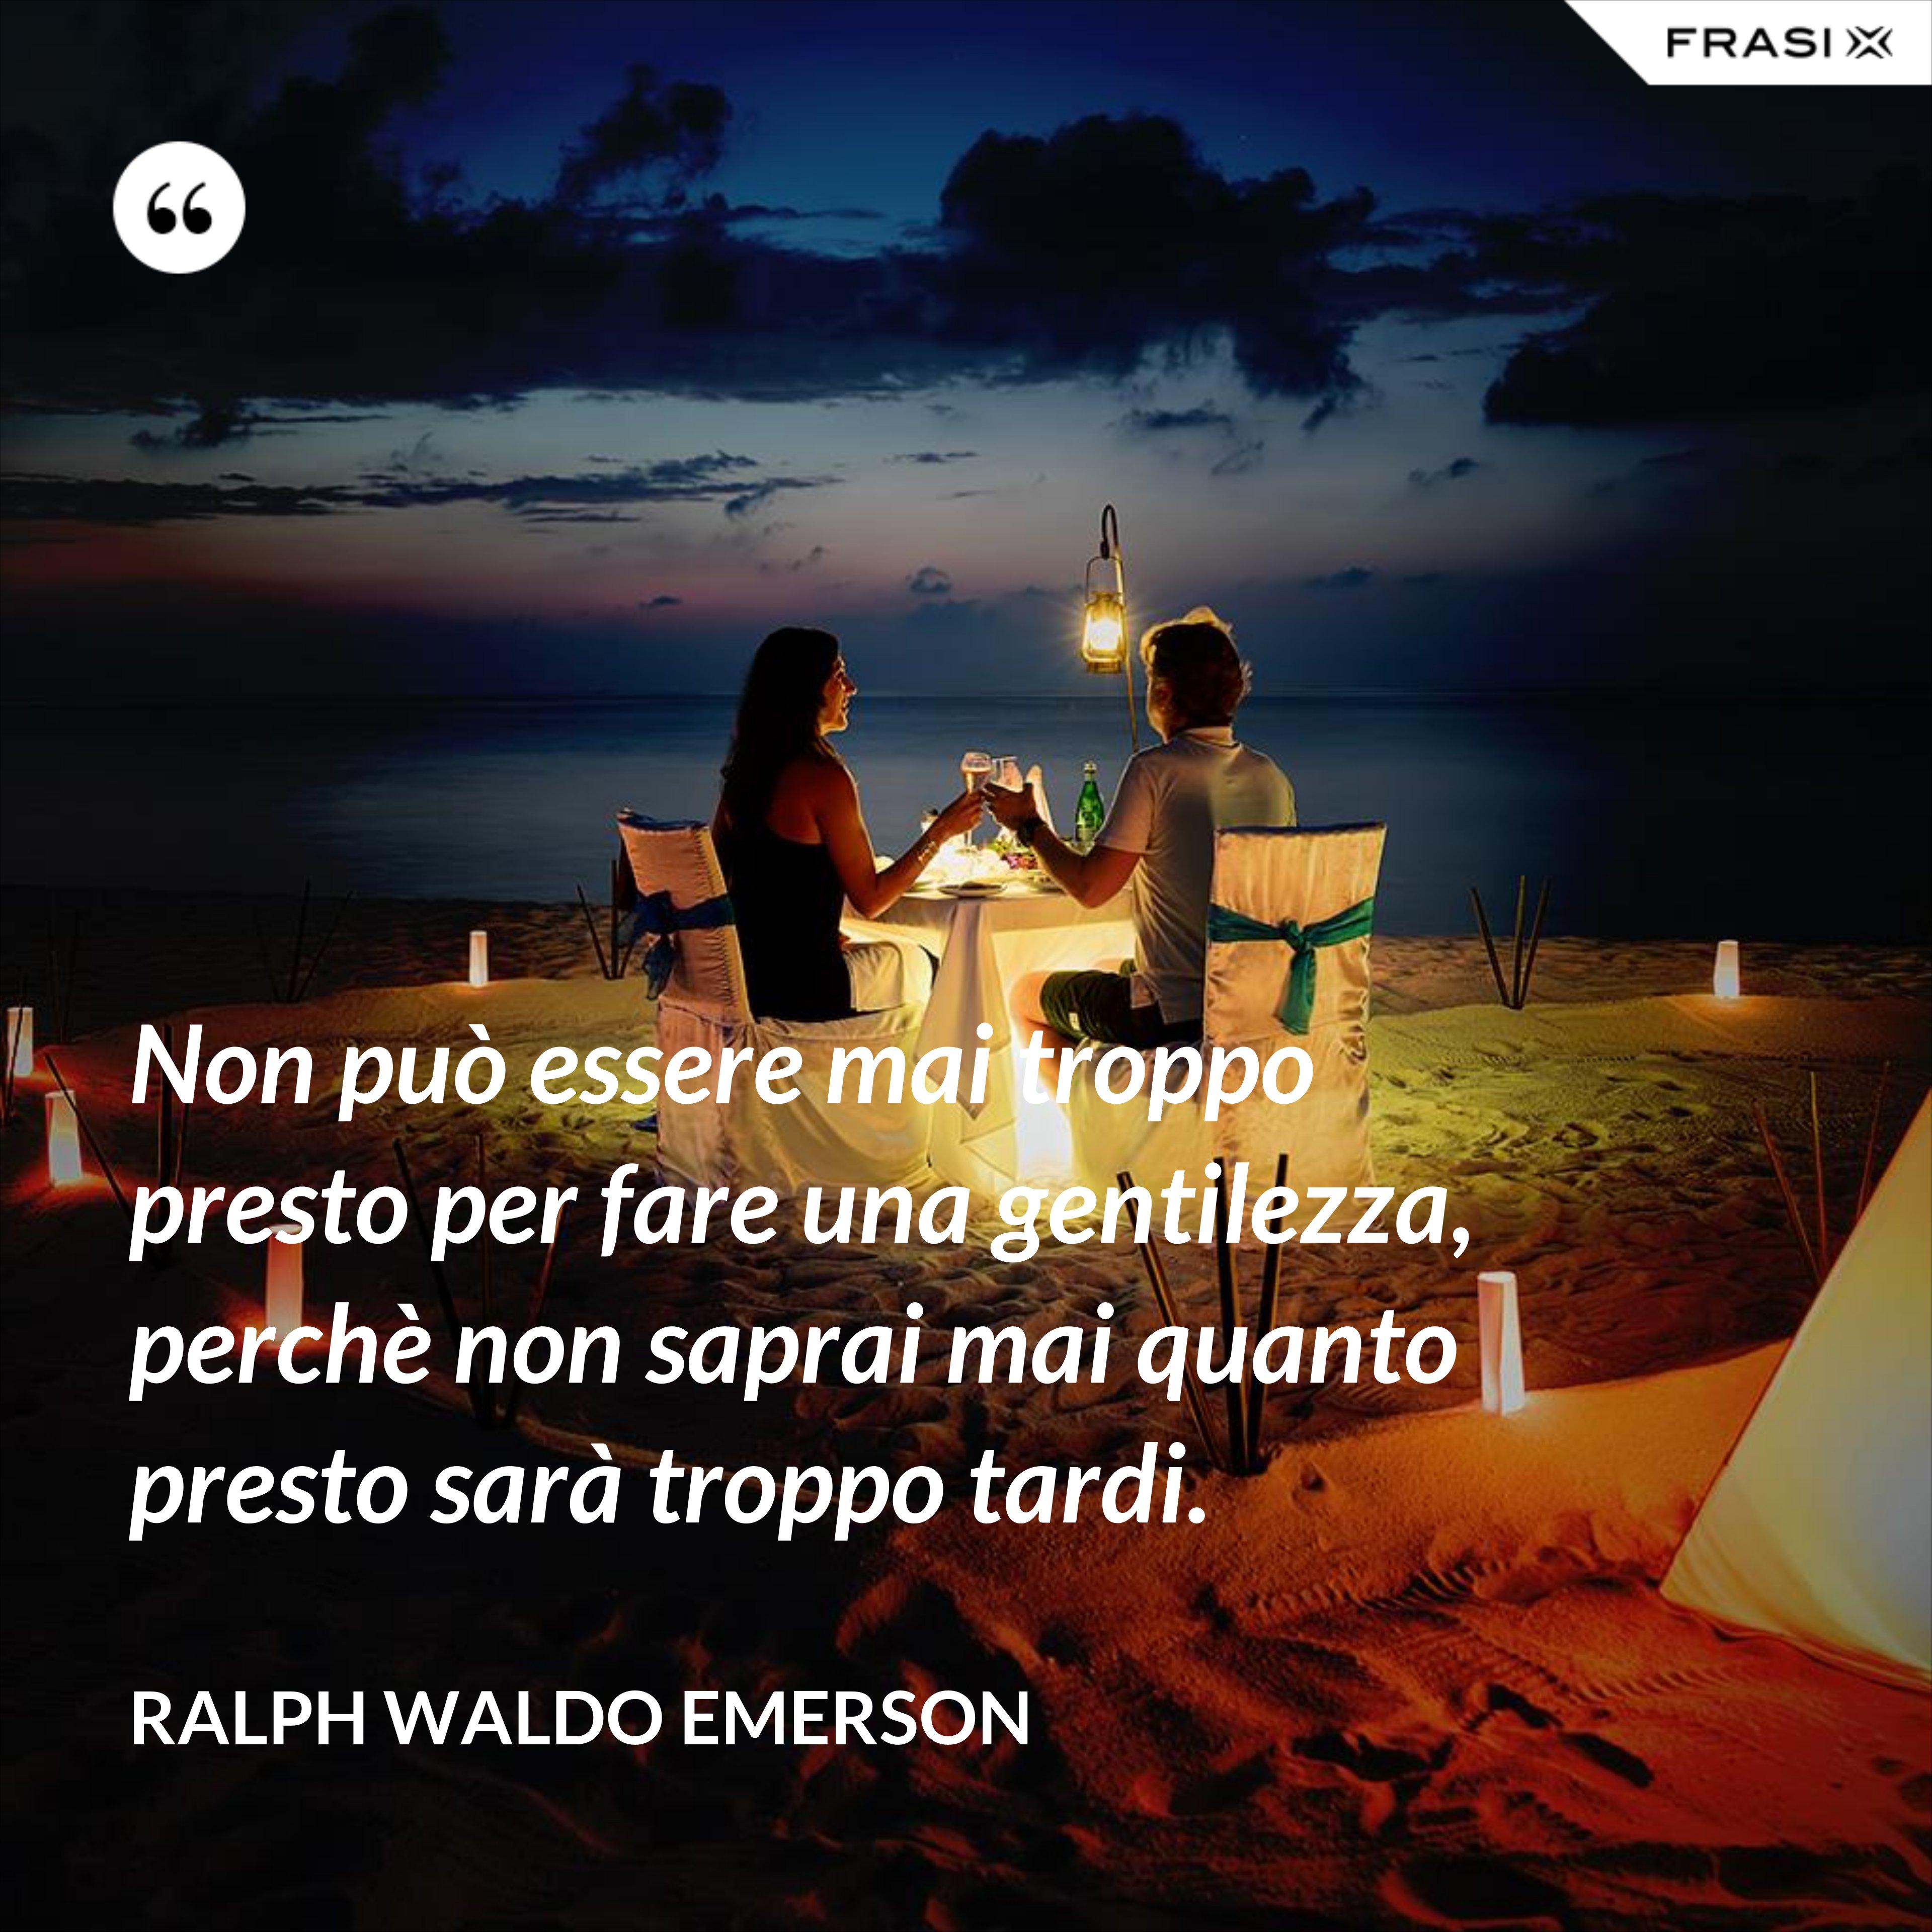 Non può essere mai troppo presto per fare una gentilezza, perchè non saprai mai quanto presto sarà troppo tardi. - Ralph Waldo Emerson